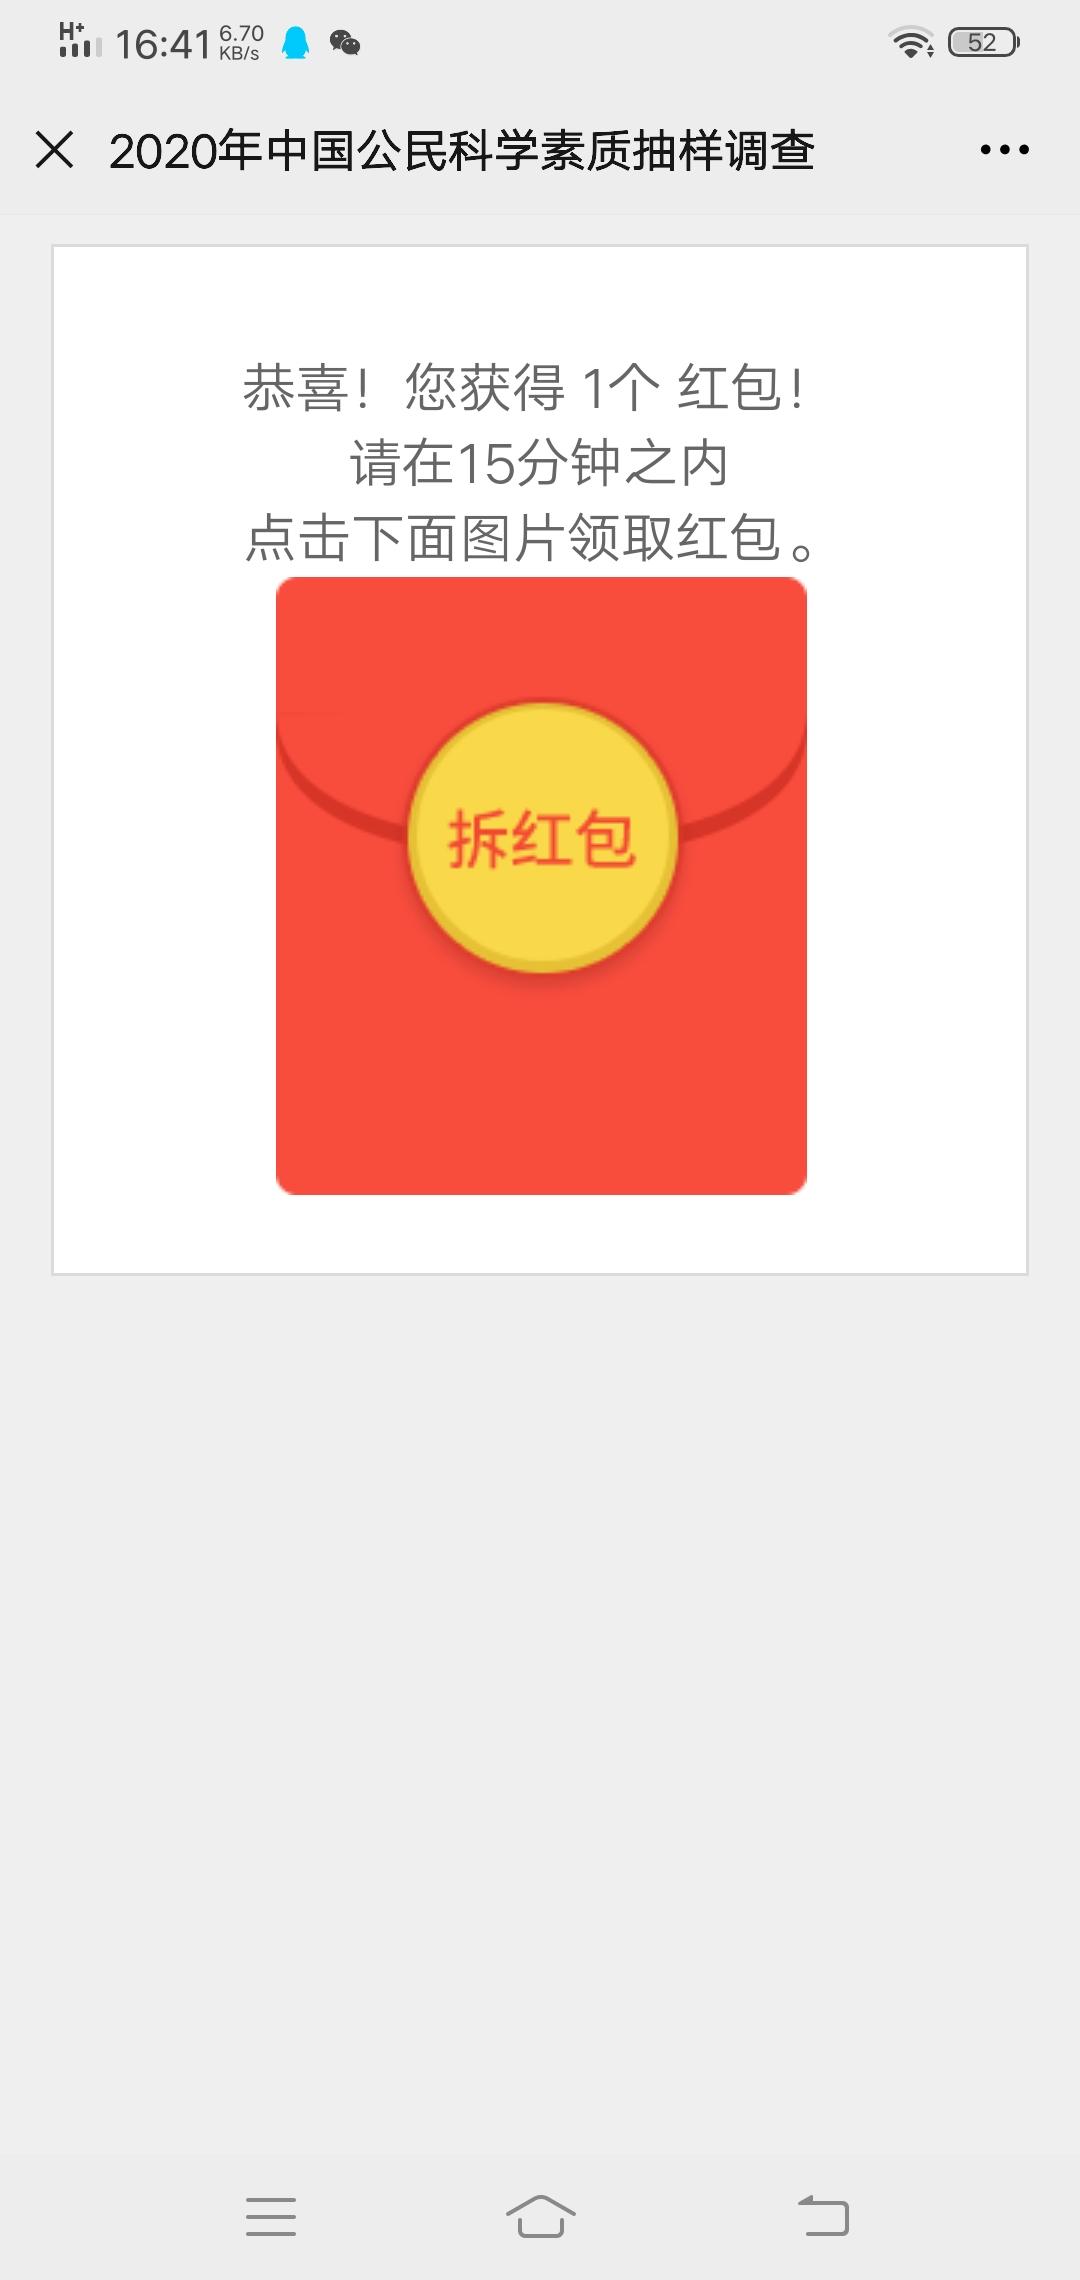 2020年中国公民科学素质抽样调查插图1